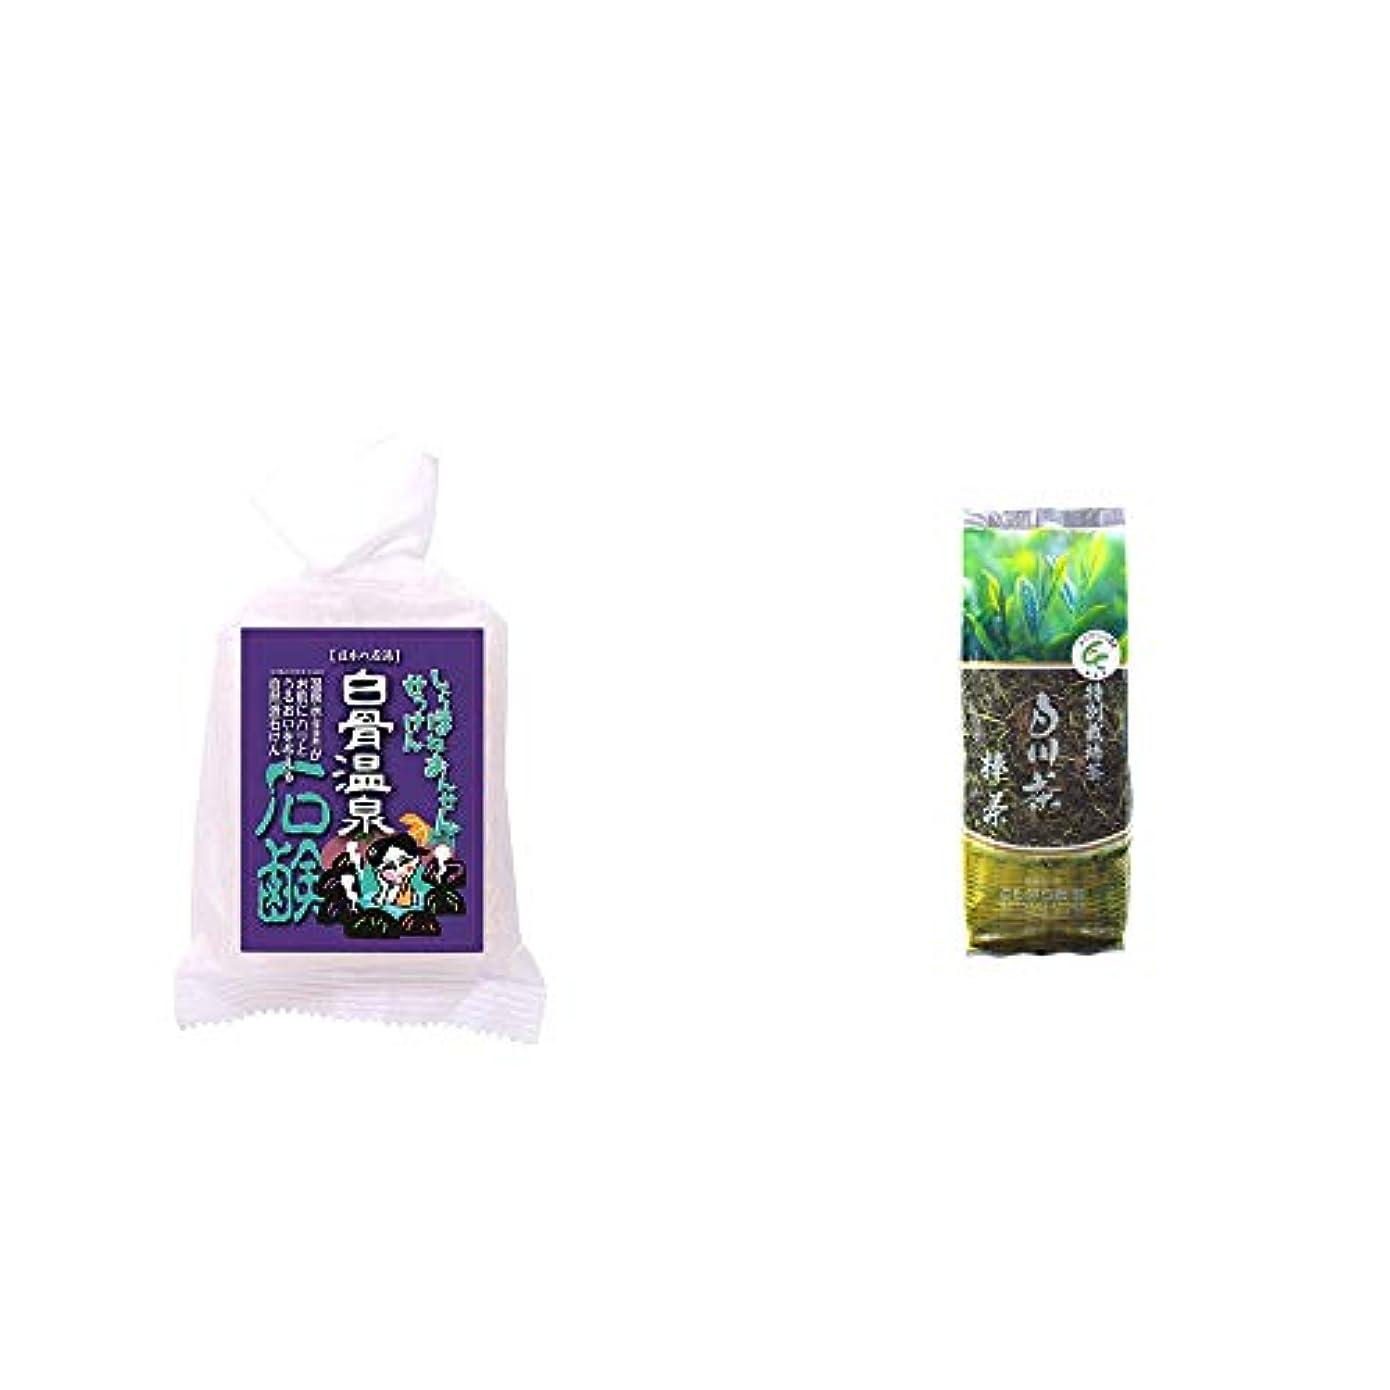 正しい輝くルアー[2点セット] 信州 白骨温泉石鹸(80g)?白川茶 特別栽培茶【棒茶】(150g)